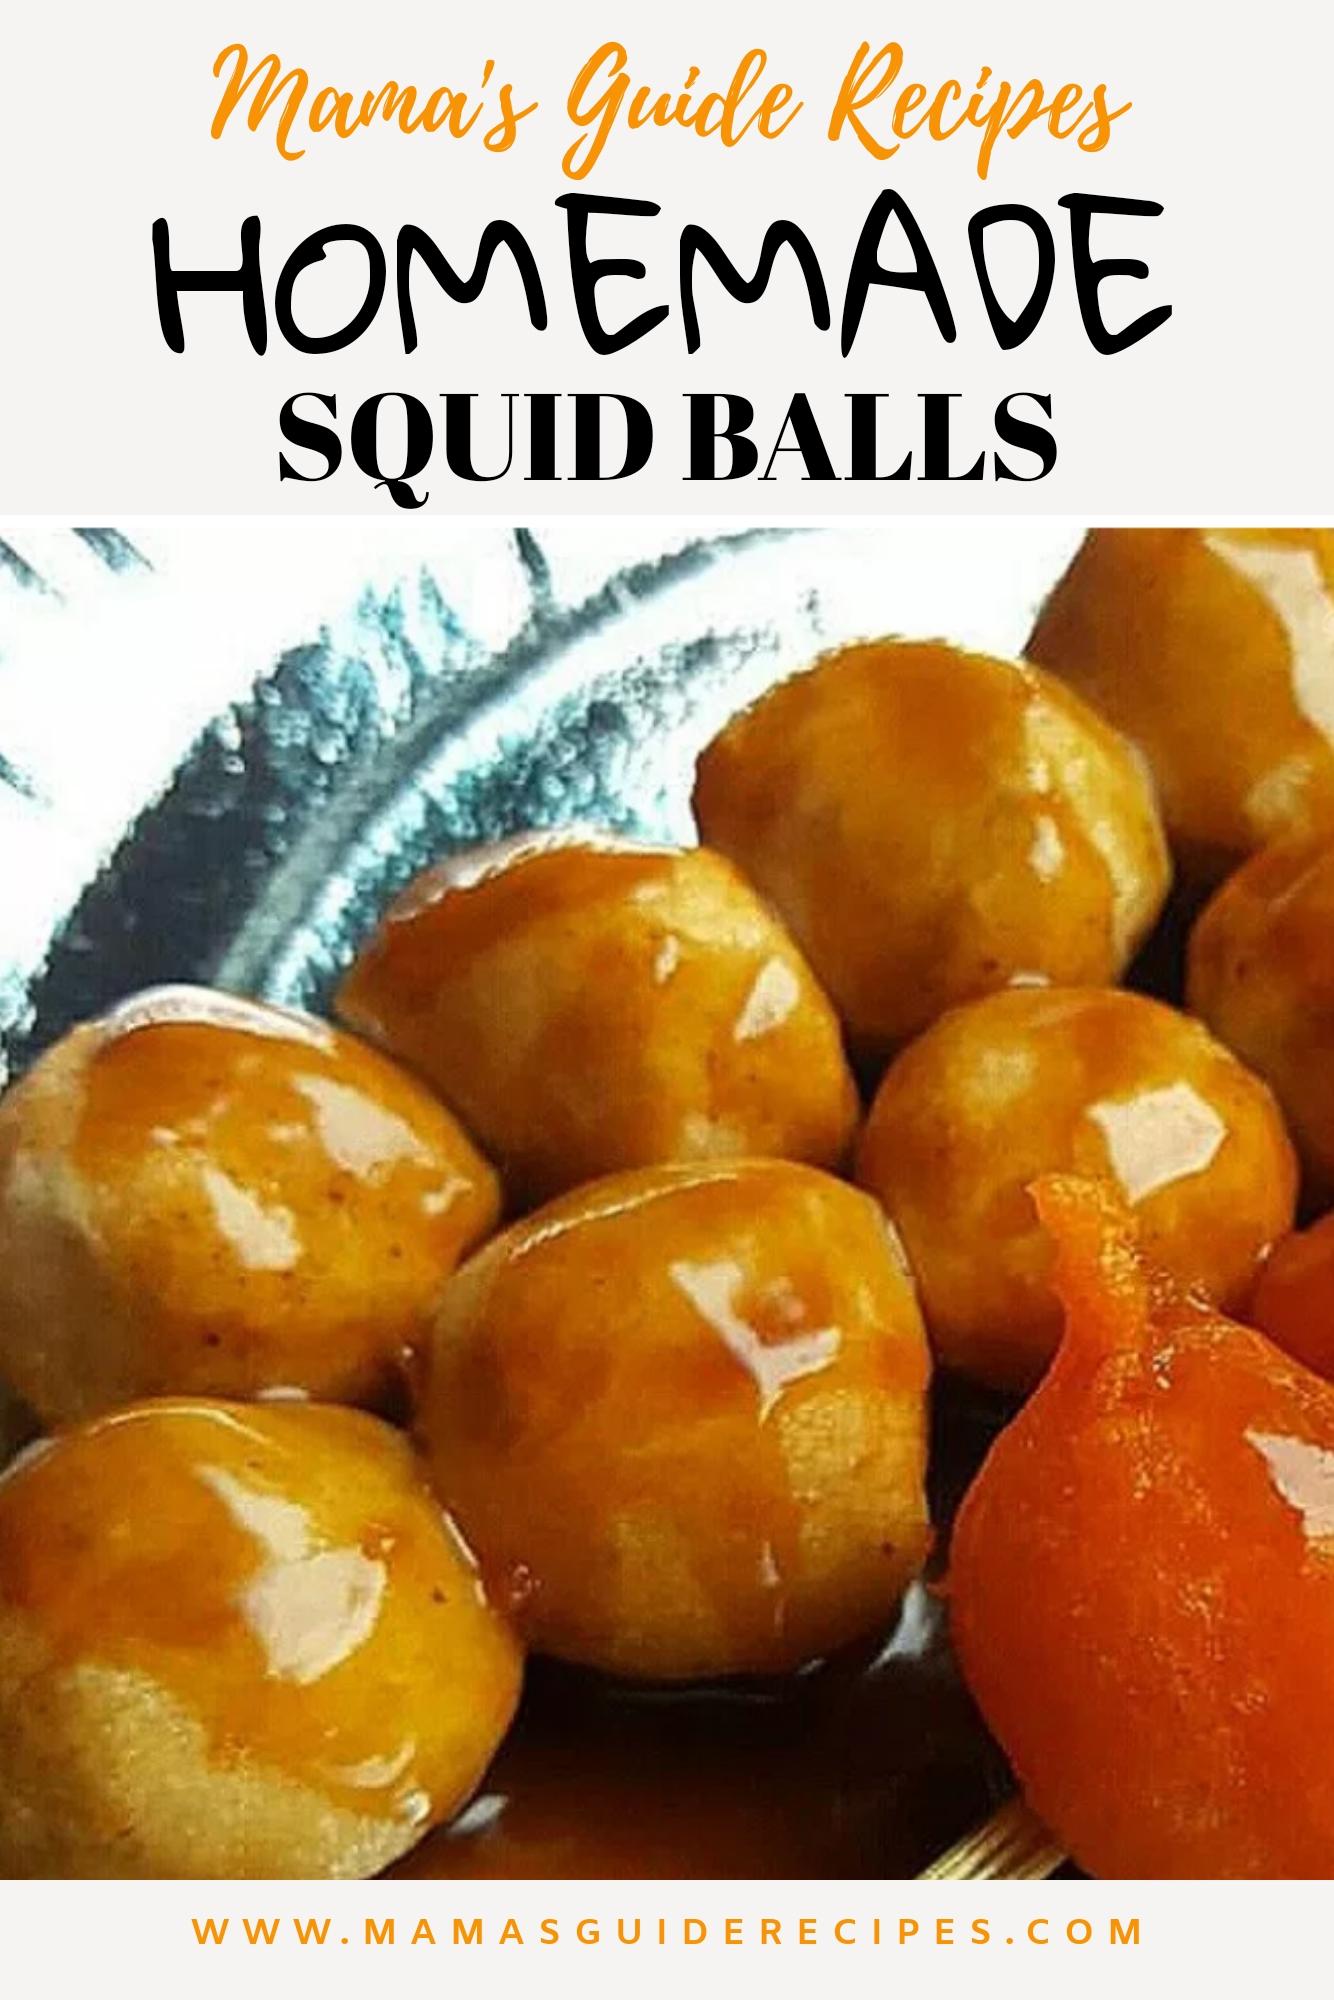 Homemade Squid Balls Recipe